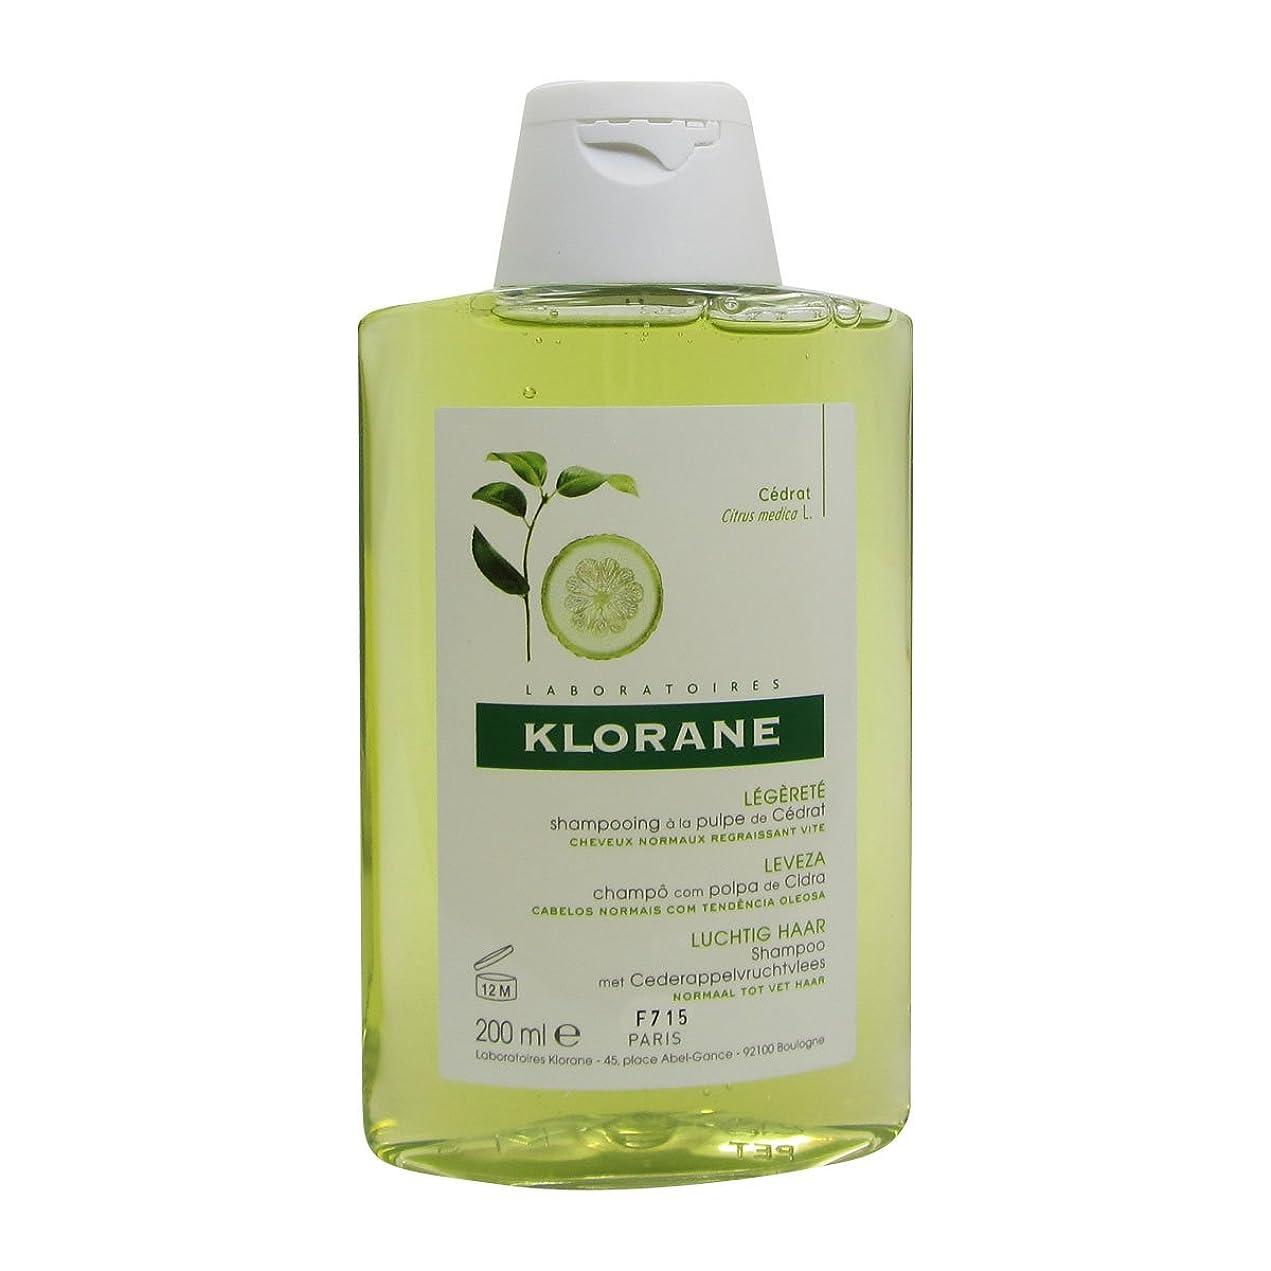 ハウジング専門化する補償Klorane Cider Pulp Shampoo 200ml [並行輸入品]